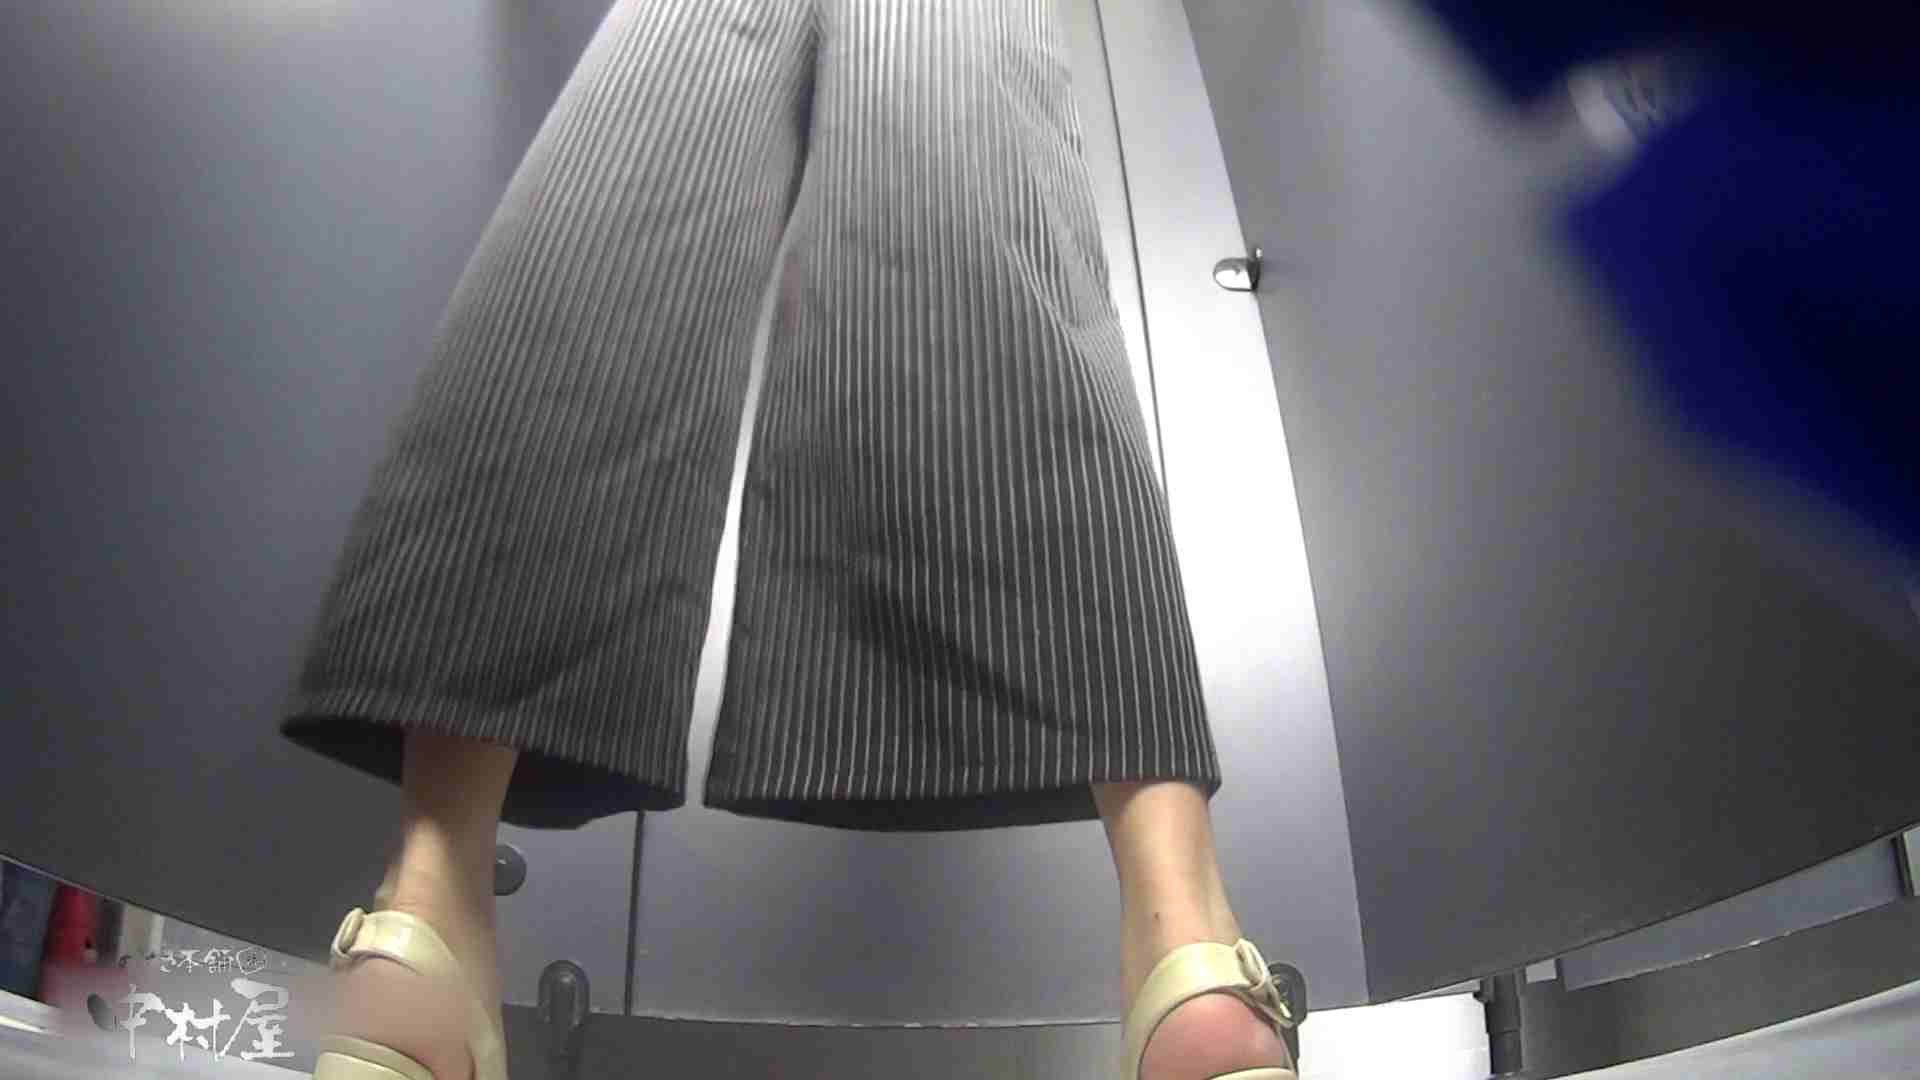 ツンデレお女市さんのトイレ事情 大学休憩時間の洗面所事情32 お姉さん丸裸 隠し撮りオマンコ動画紹介 76pic 19